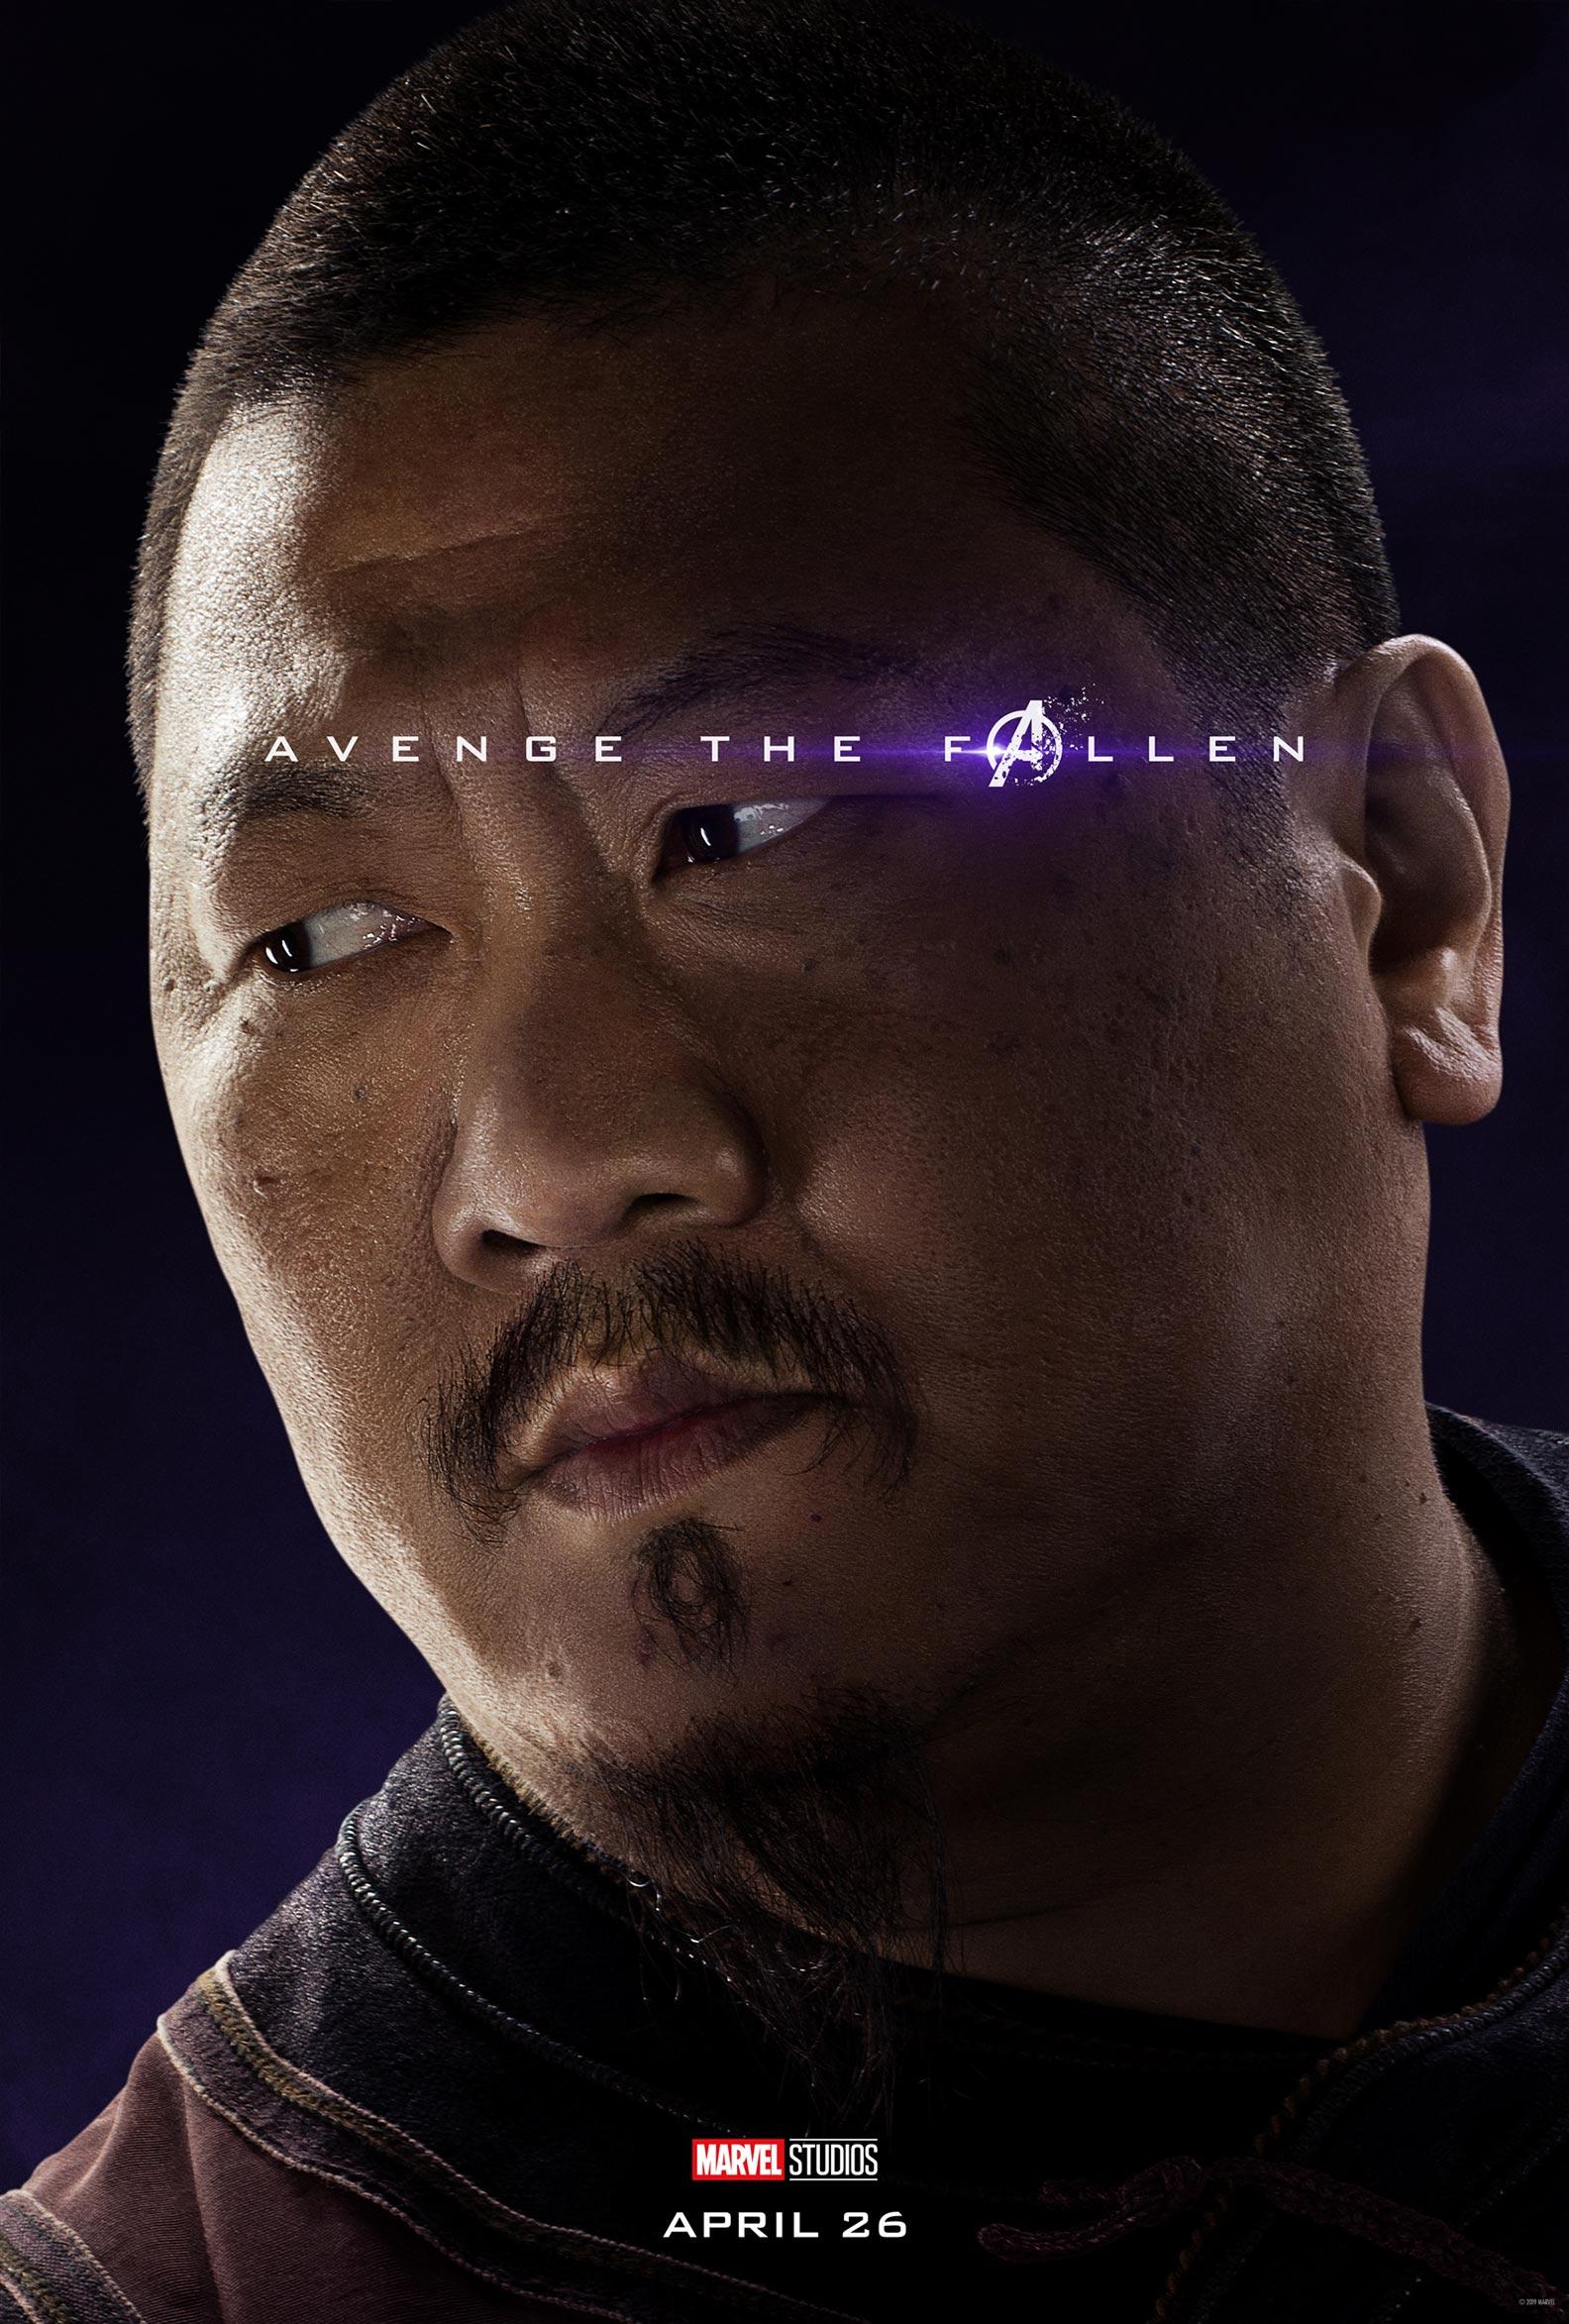 Avengers: Endgame Poster #5